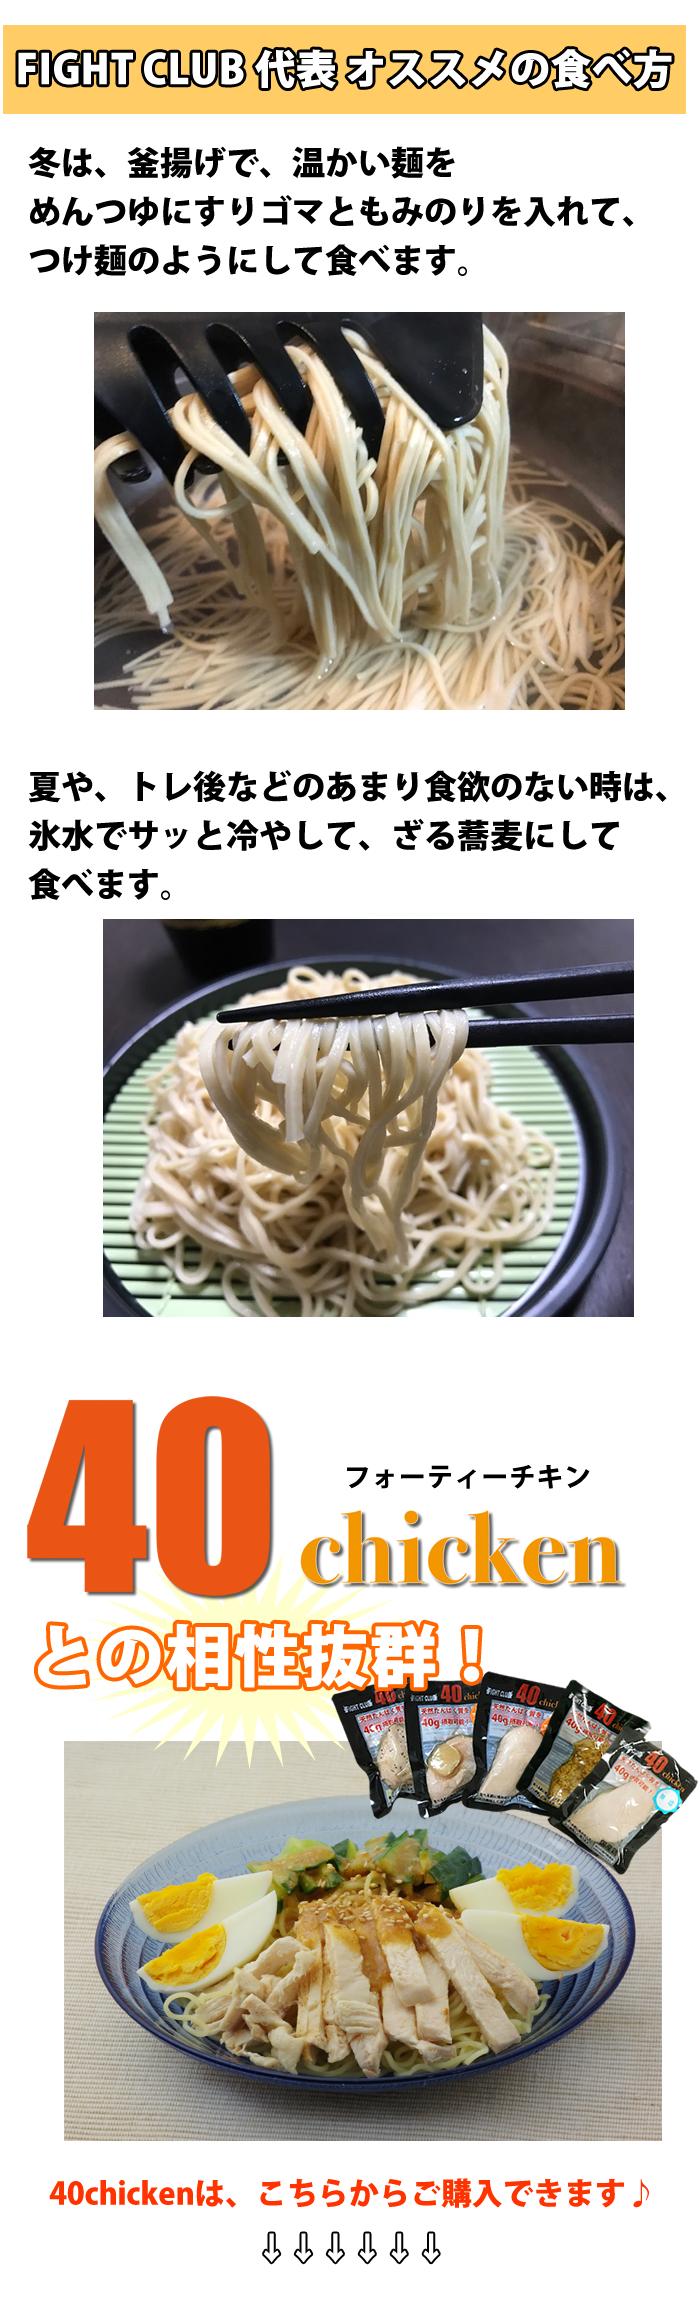 40ヌードル2-2